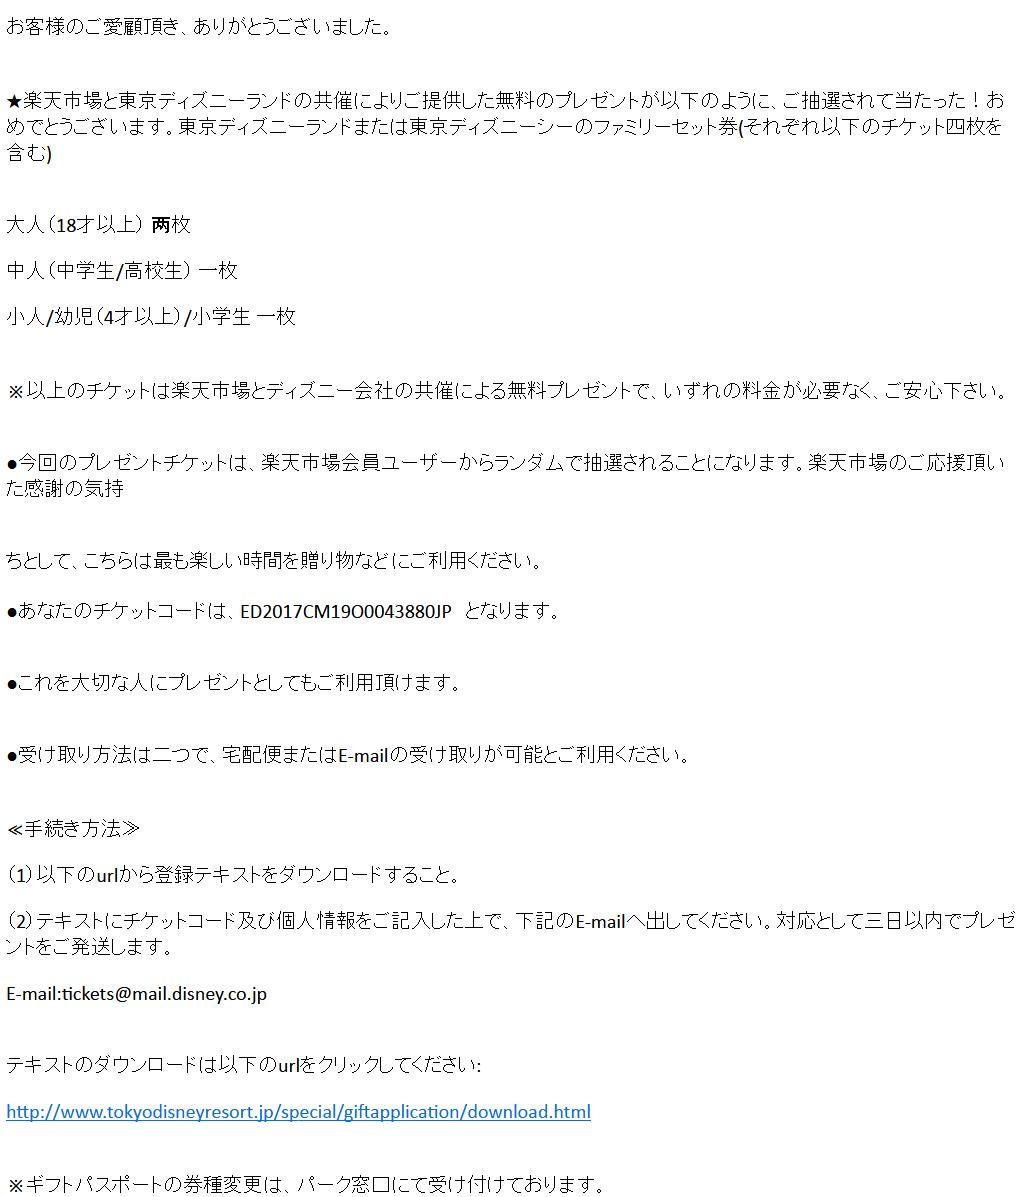 2017/12/05】東京ディズニーランドを装ったばらまき型攻撃メールに関する